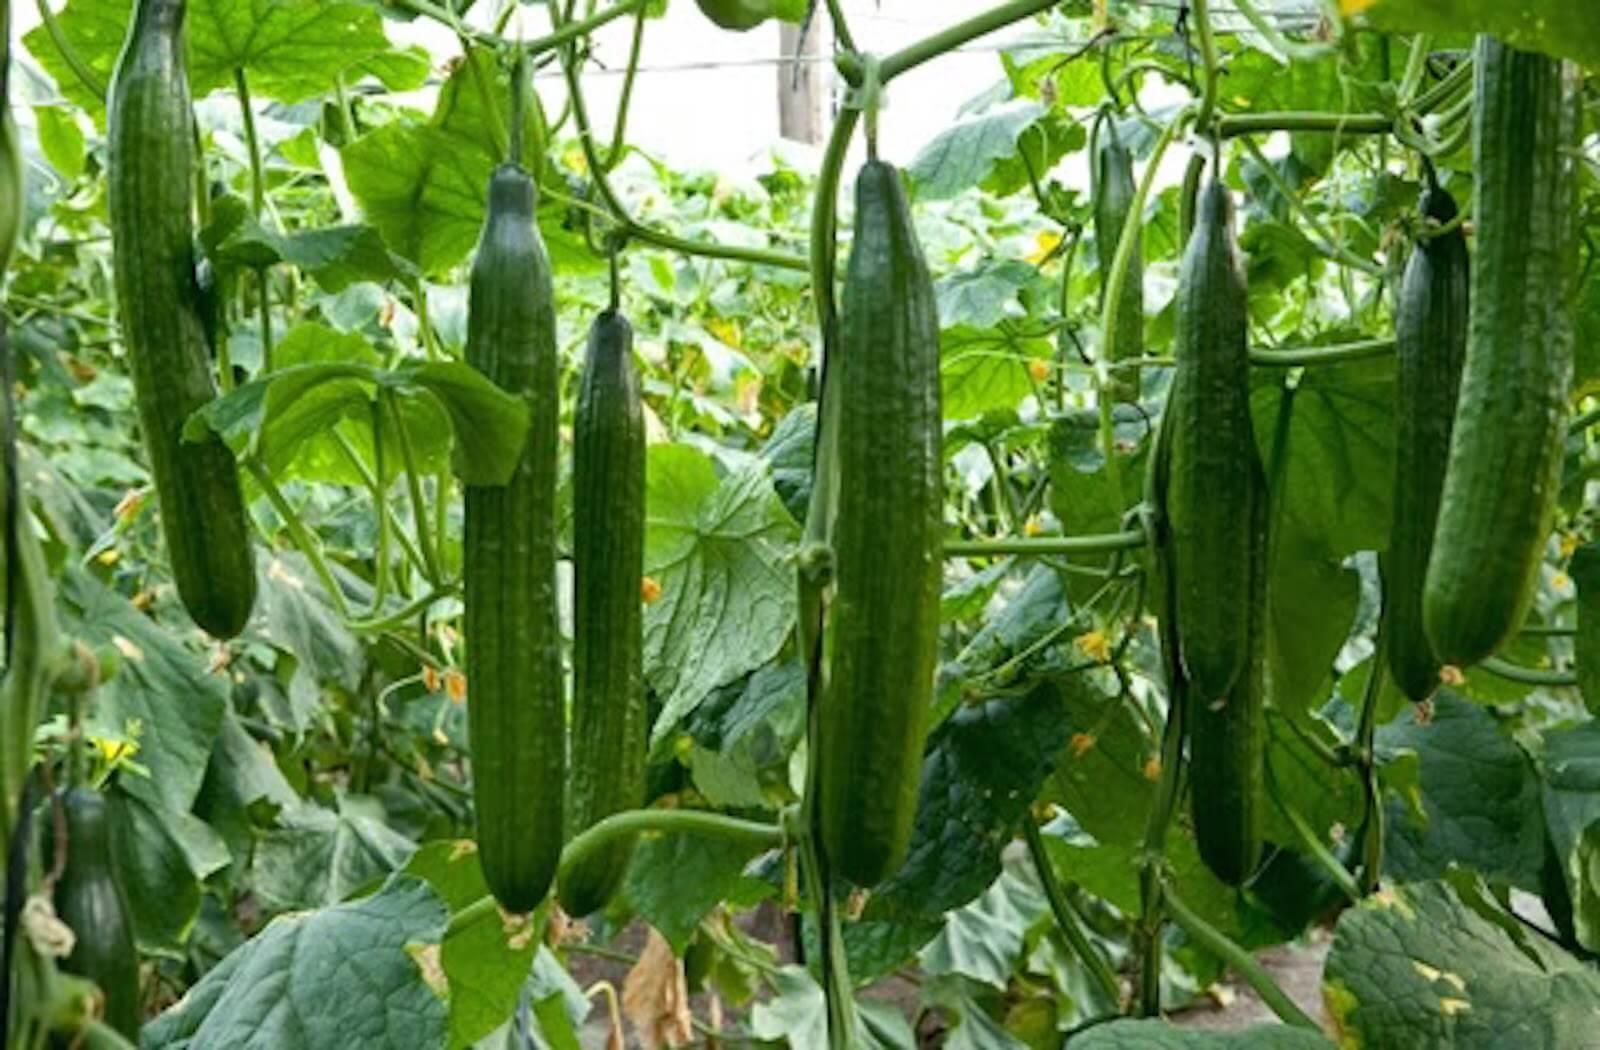 Coltivare Piselli In Vaso coltivare cetrioli - coltivazione ortaggi - coltivazione dei